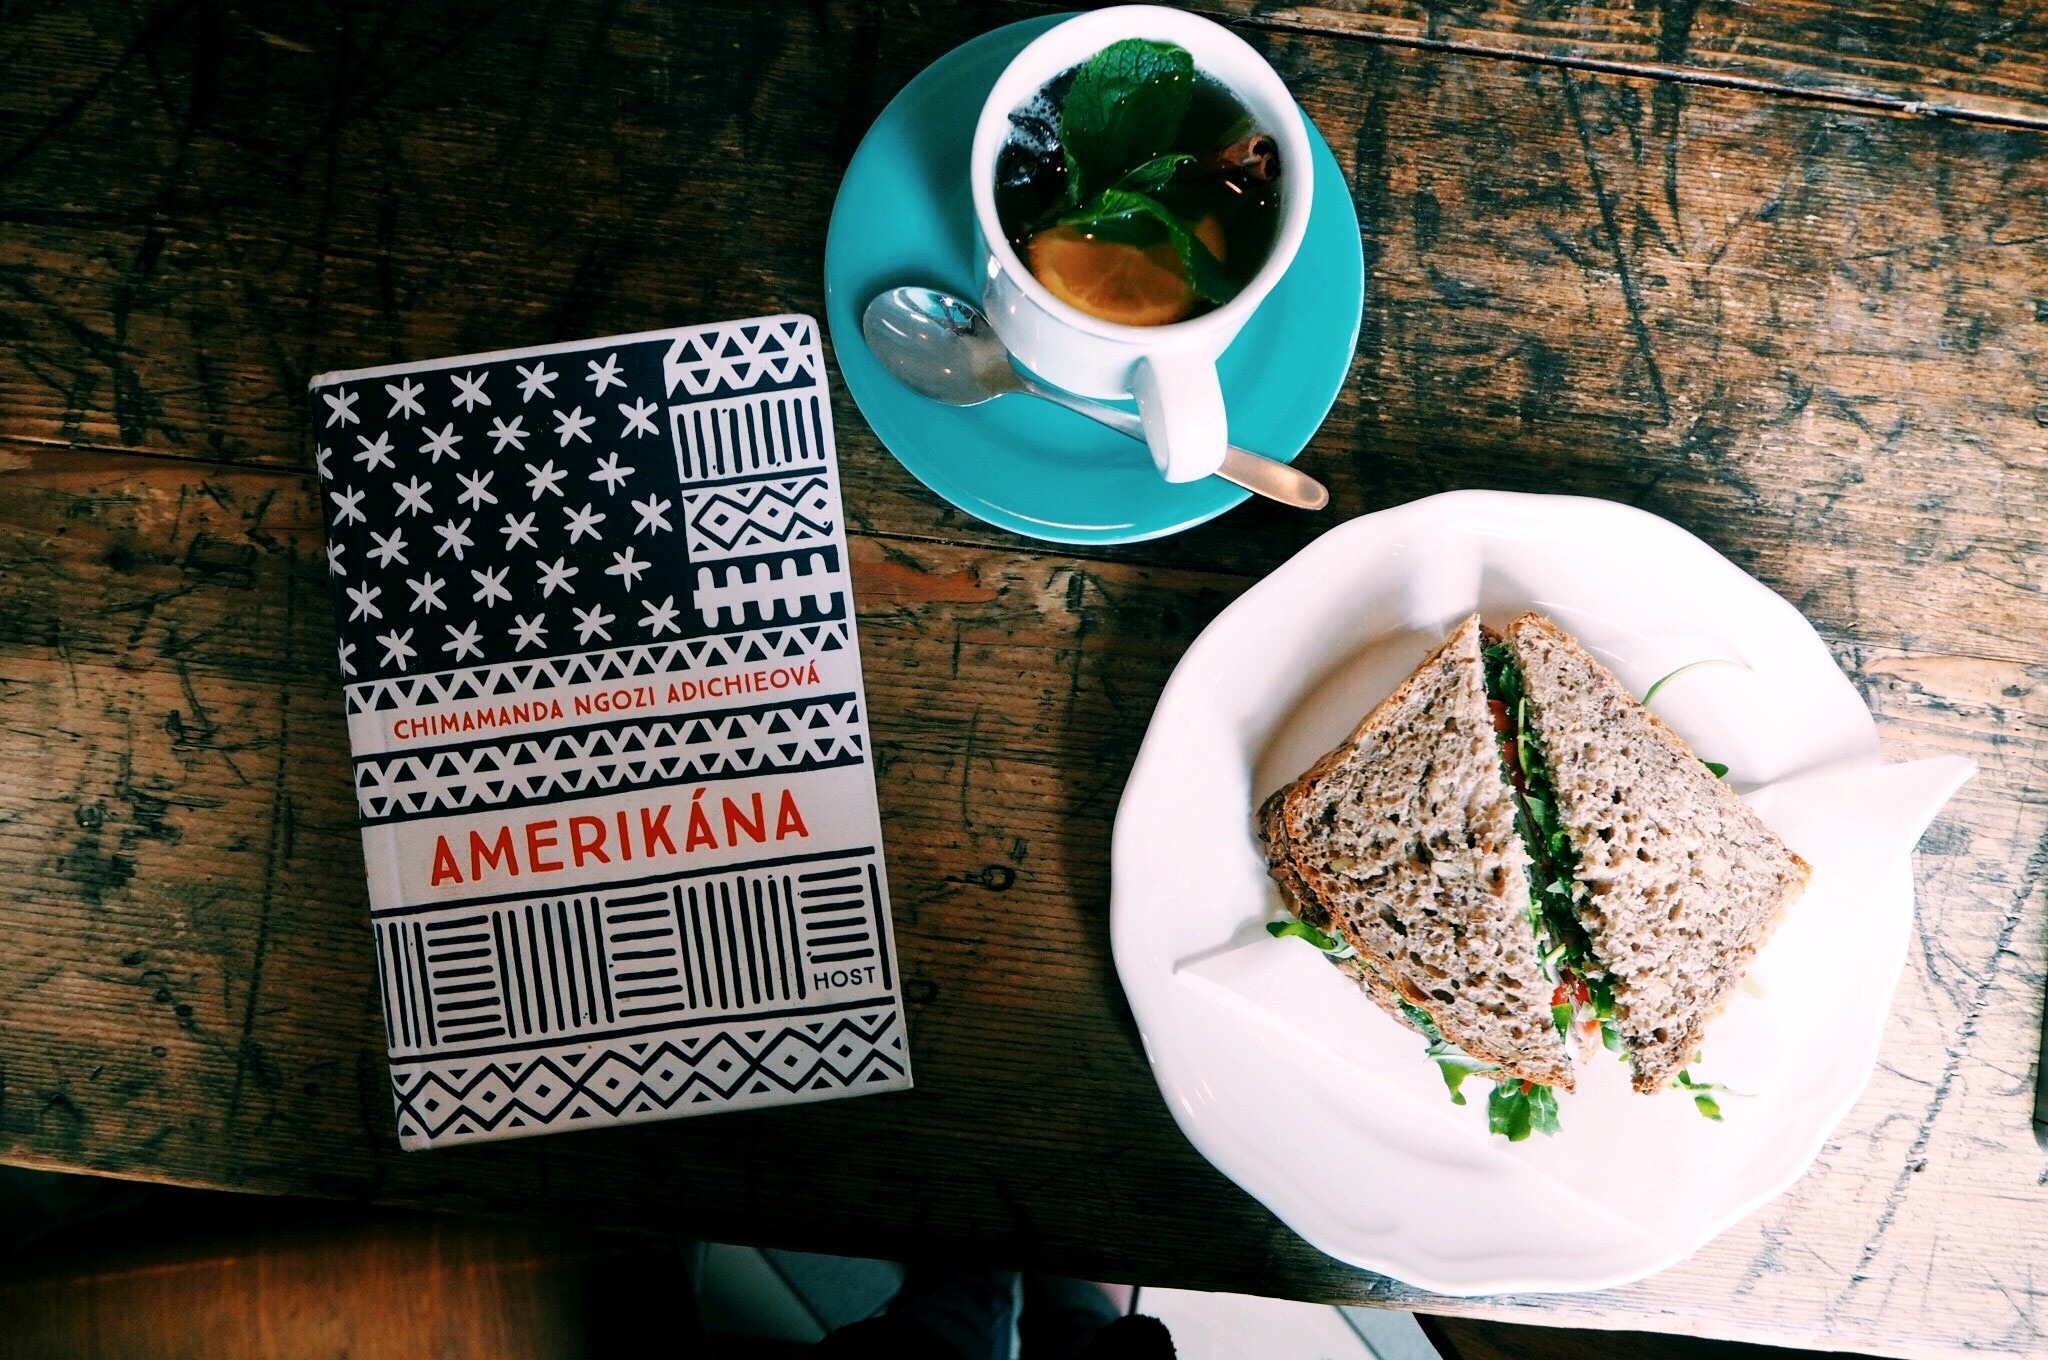 Výuka empatie a tolerance od Chimamandy Adichie